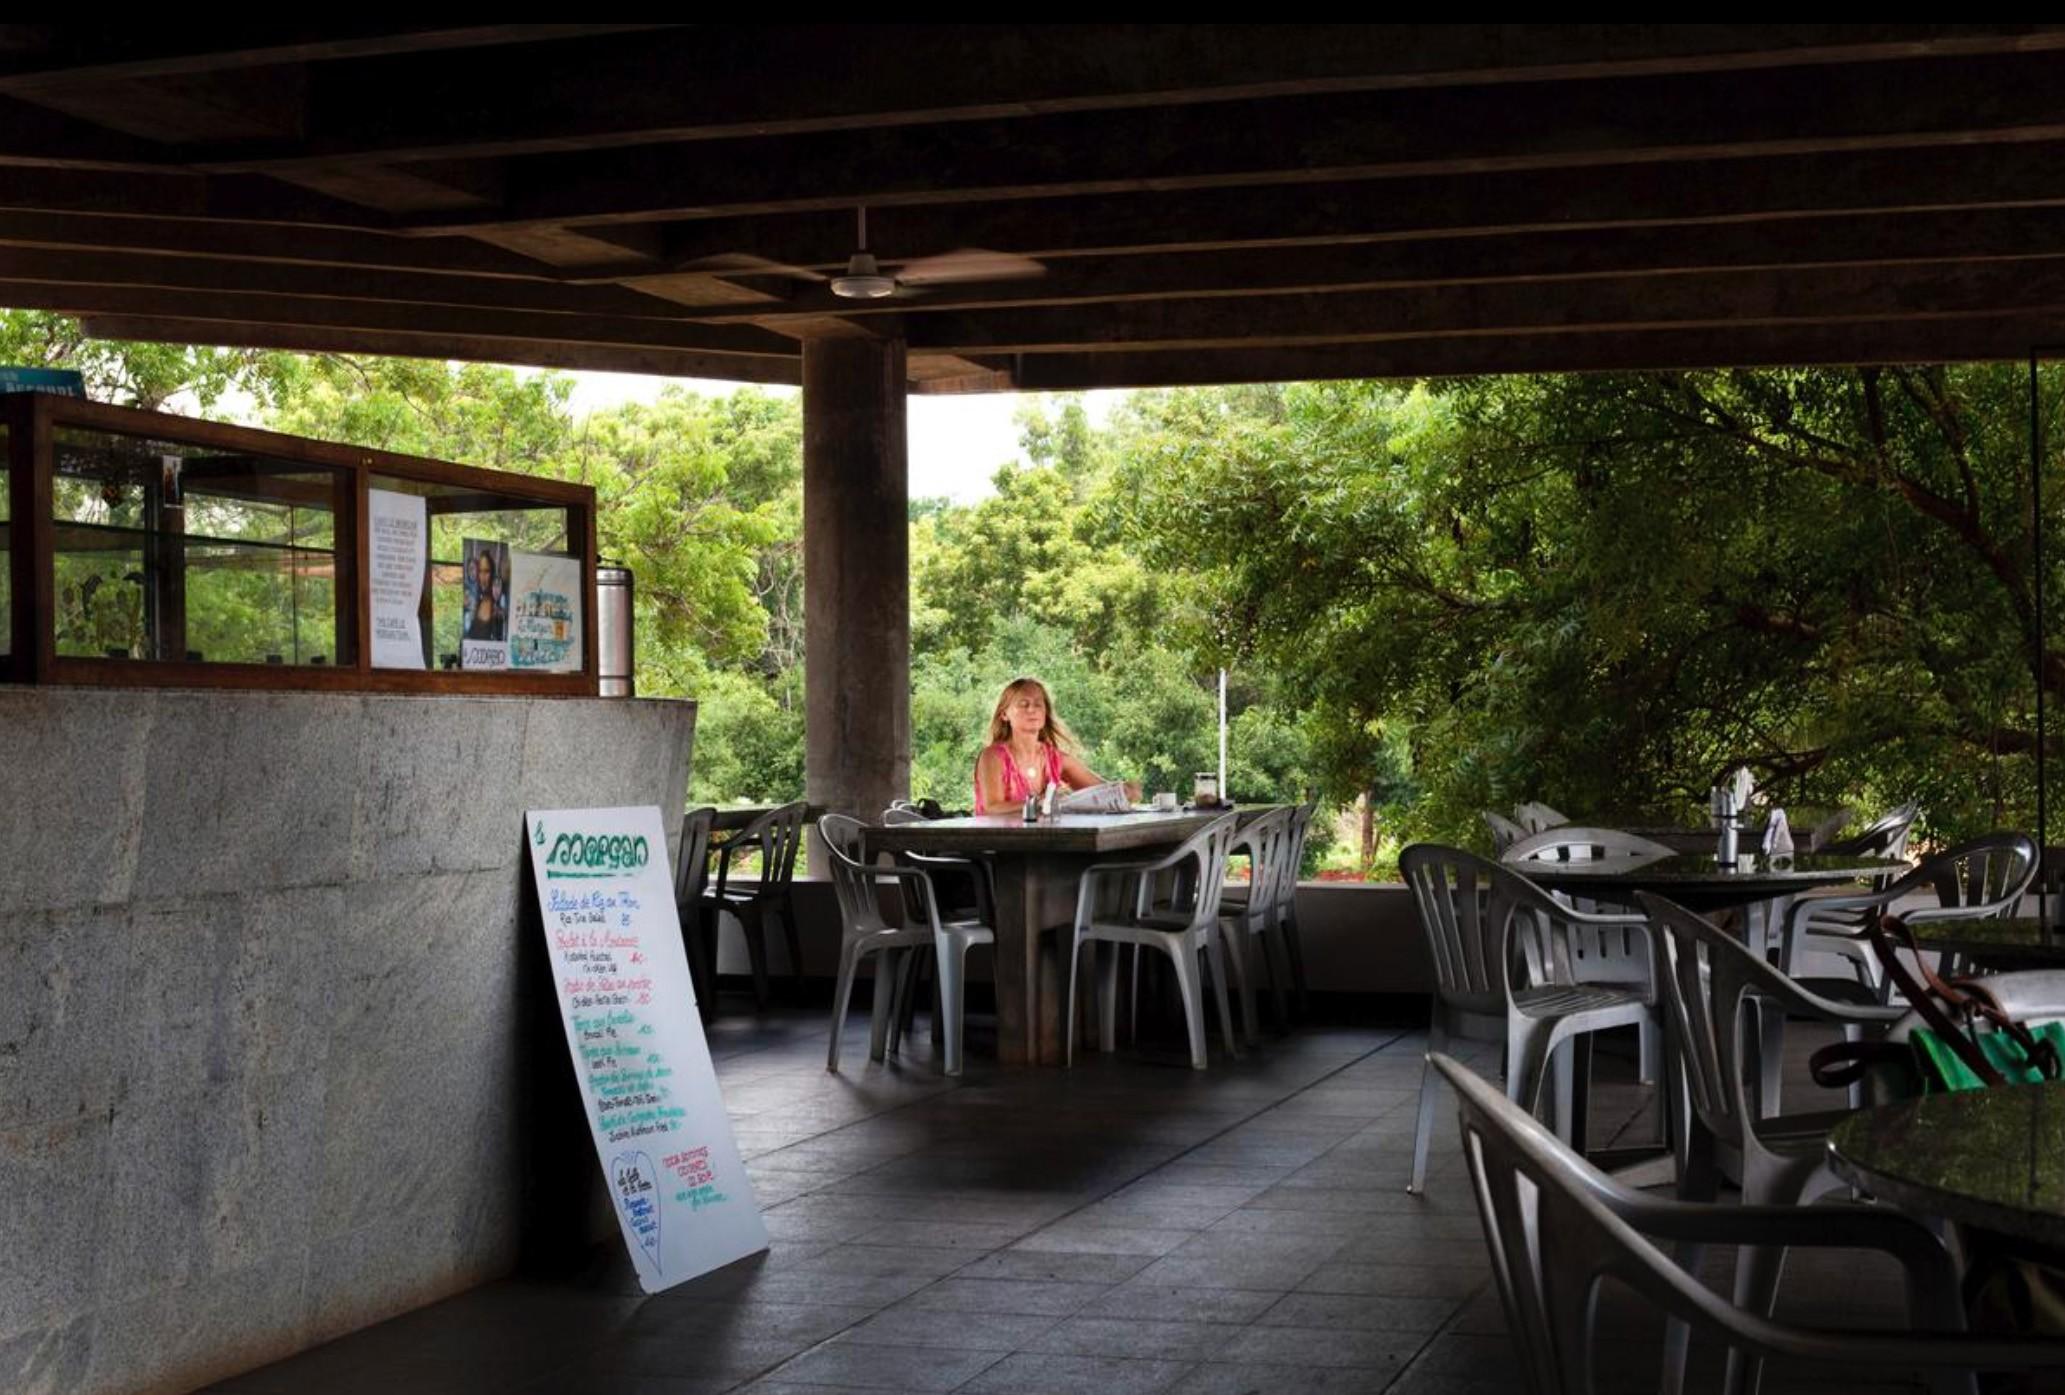 Restaurantes recebem moradores e turistas (Foto: Divulgação)